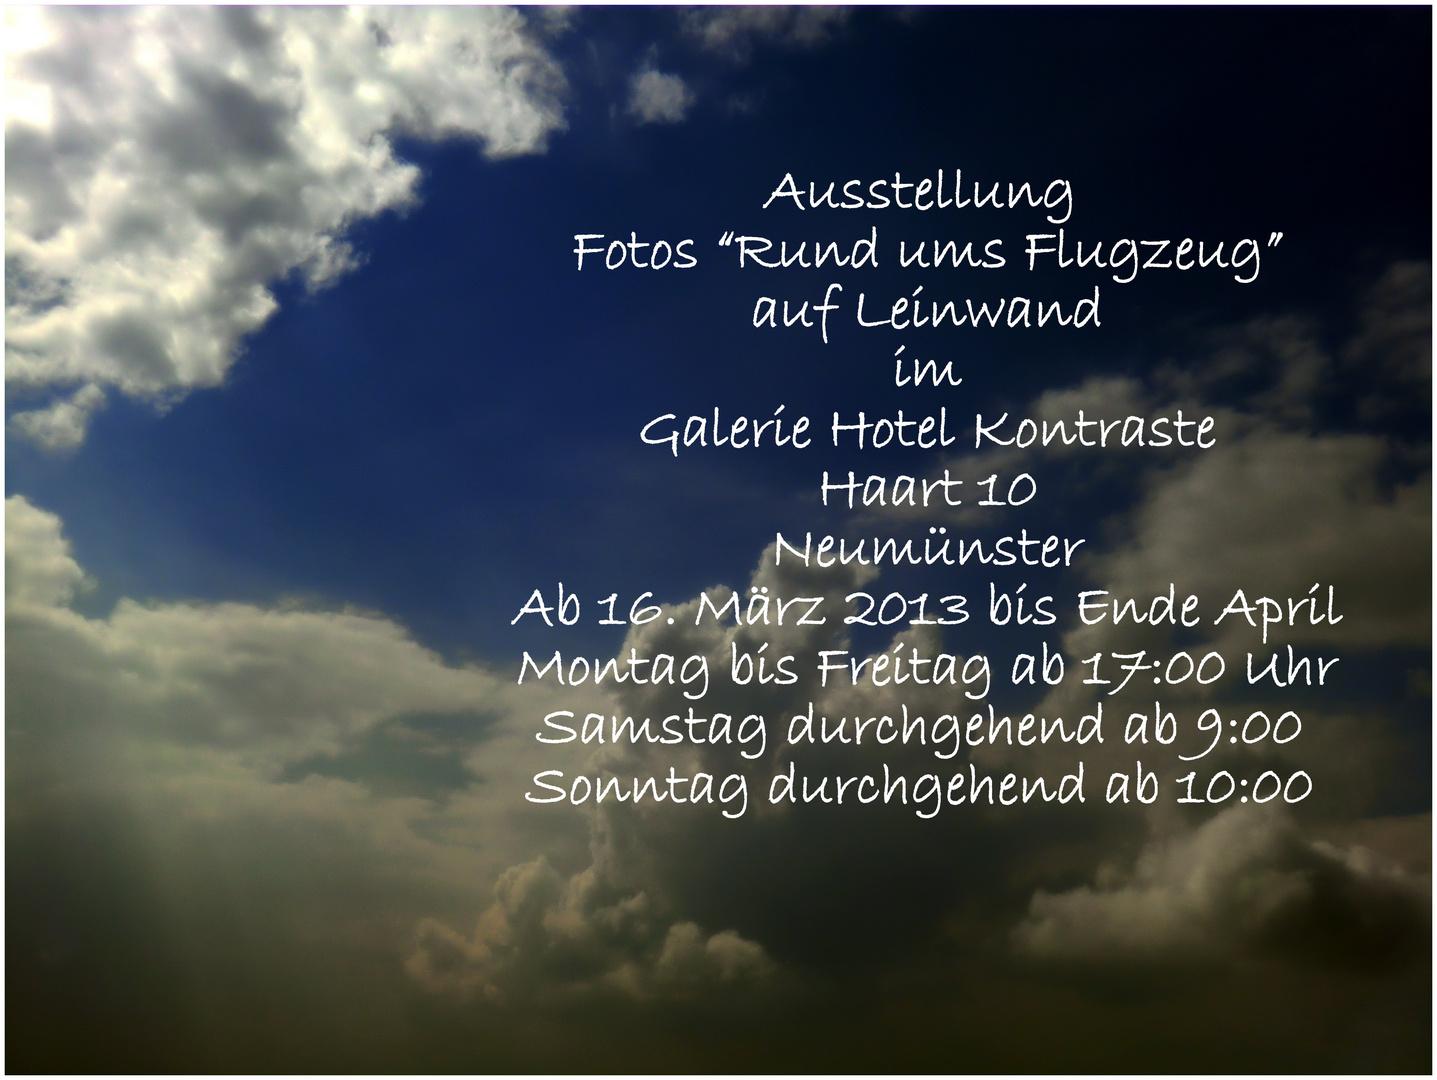 """Ausstellung: """"Fotos rund ums Flugzeug""""...auf Leinwand!"""